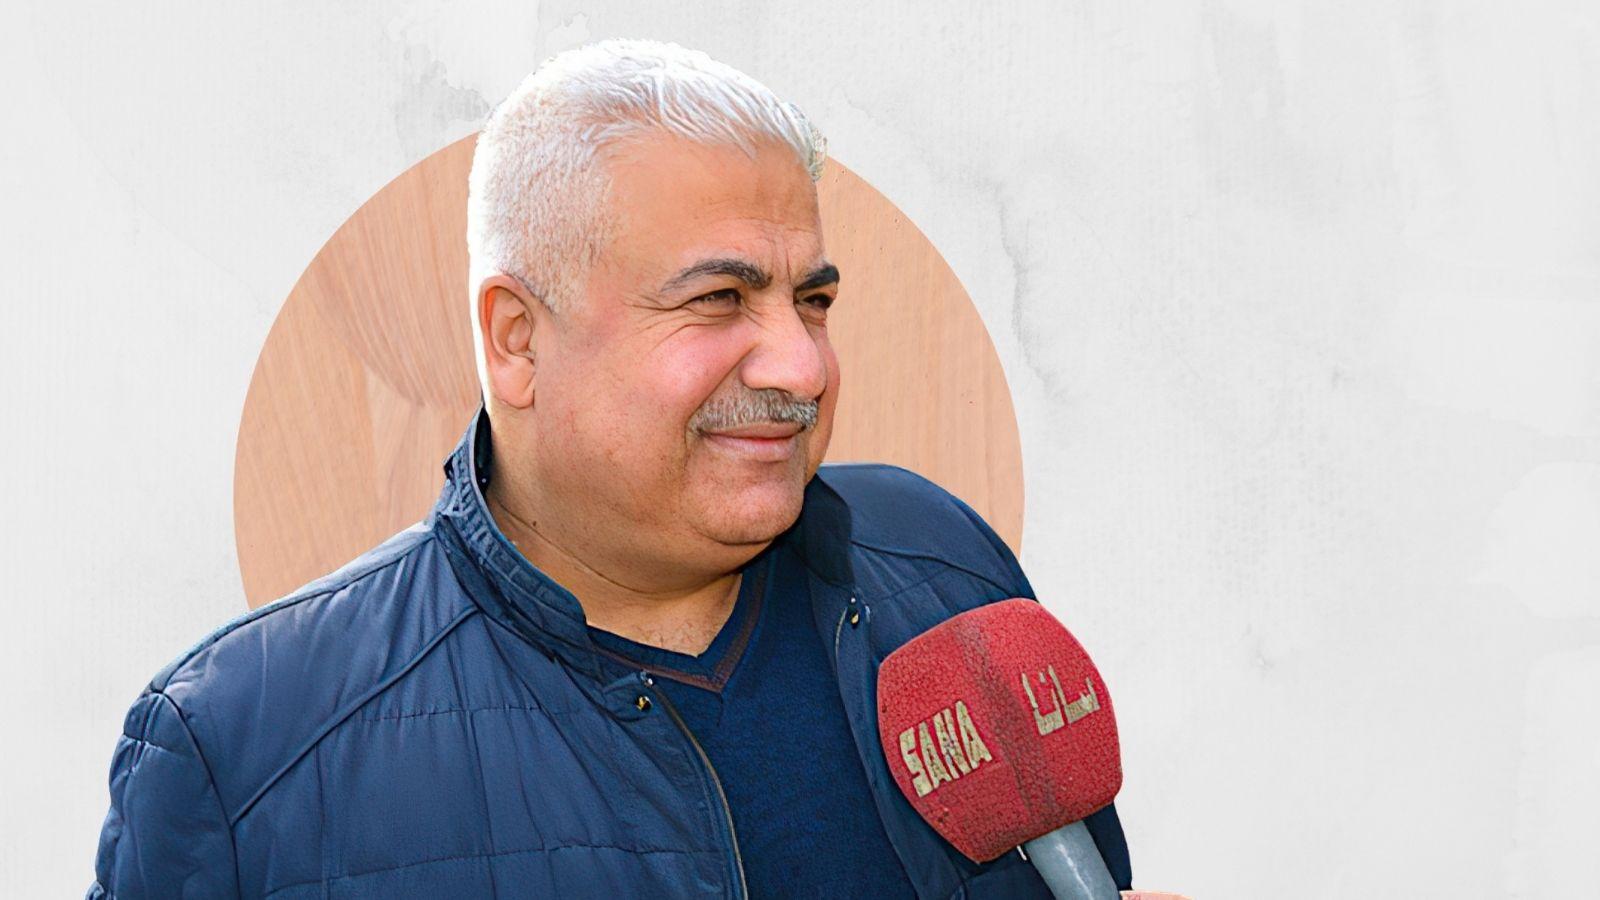 """المدير السابق لـ """"المؤسسة السورية للتجارة""""، أحمد نجم (تعدبل عنب بلدي)"""